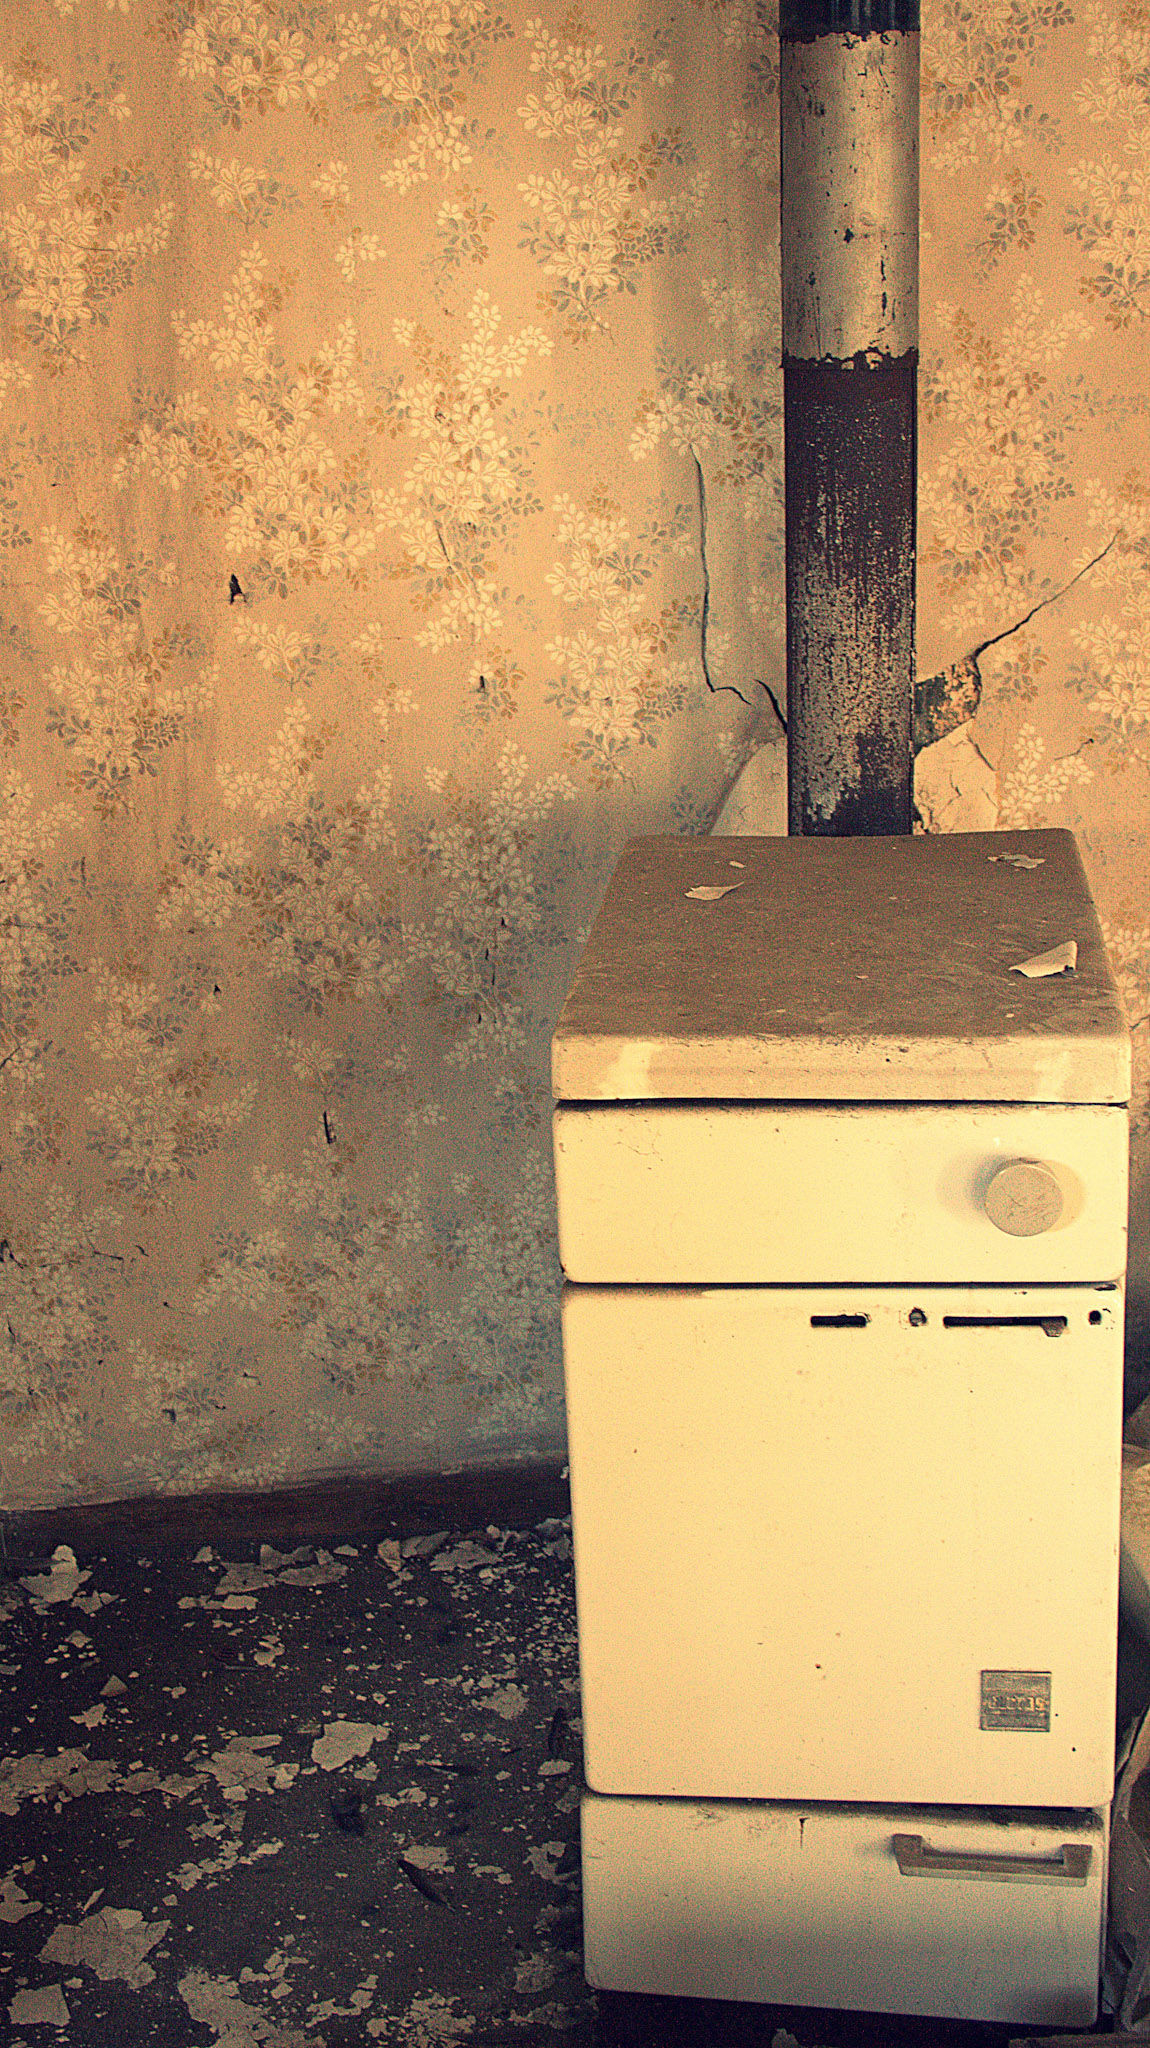 Ofen Retro Retro Styled Oldschool Damalswars Damals Wollte Man Erwachsen Sein, Und Heute Möchte Man Die Alten Zeiten Zurück ❤